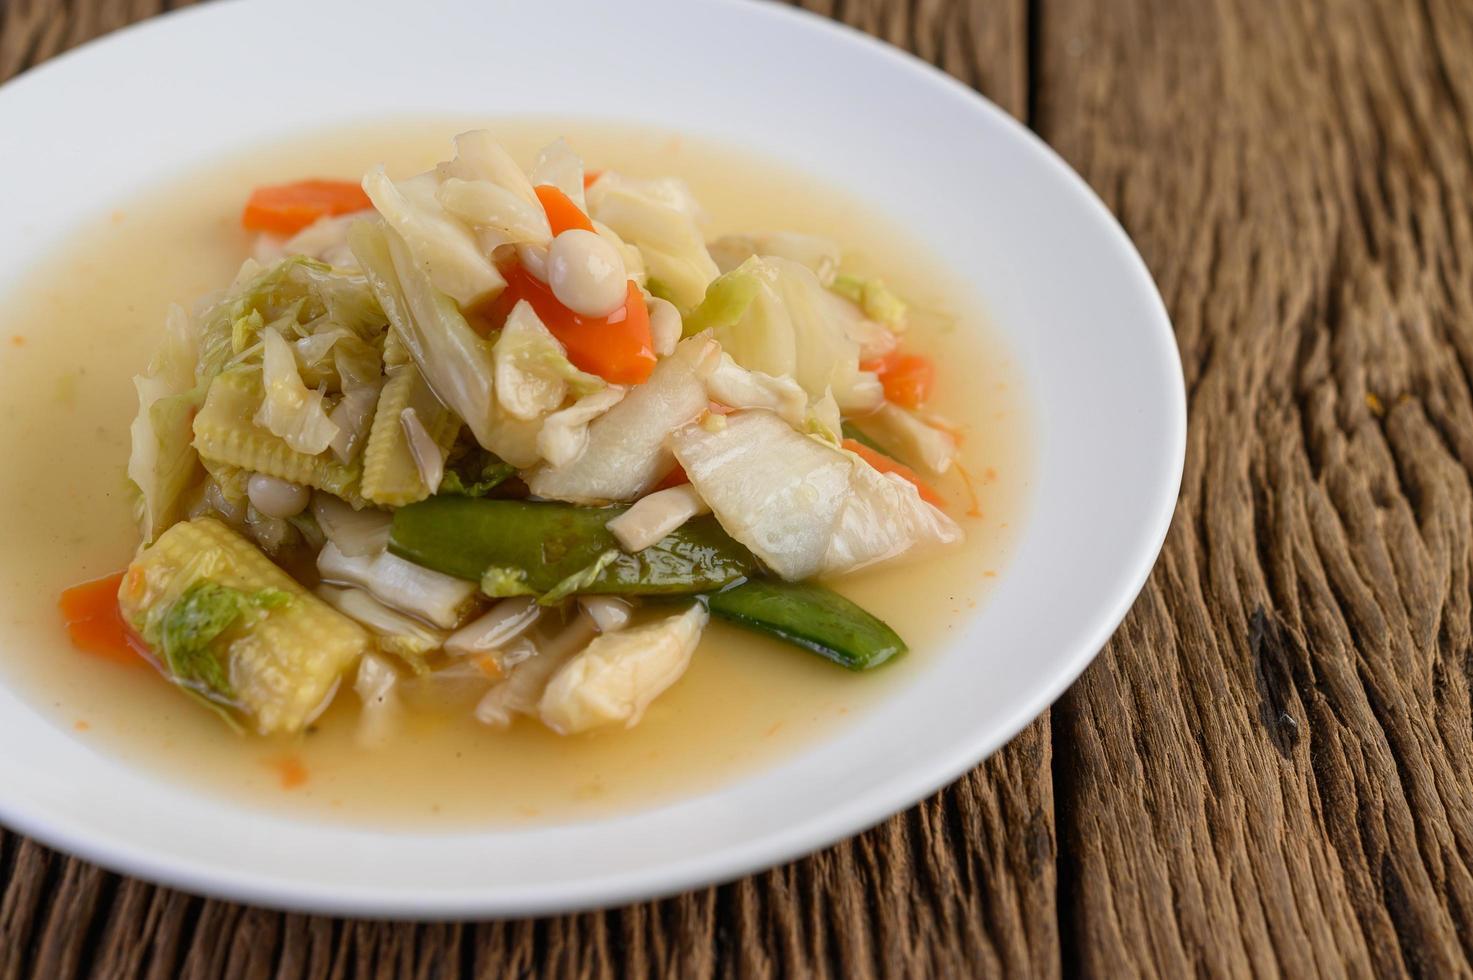 faire sauter des légumes mélangés sur une assiette blanche photo